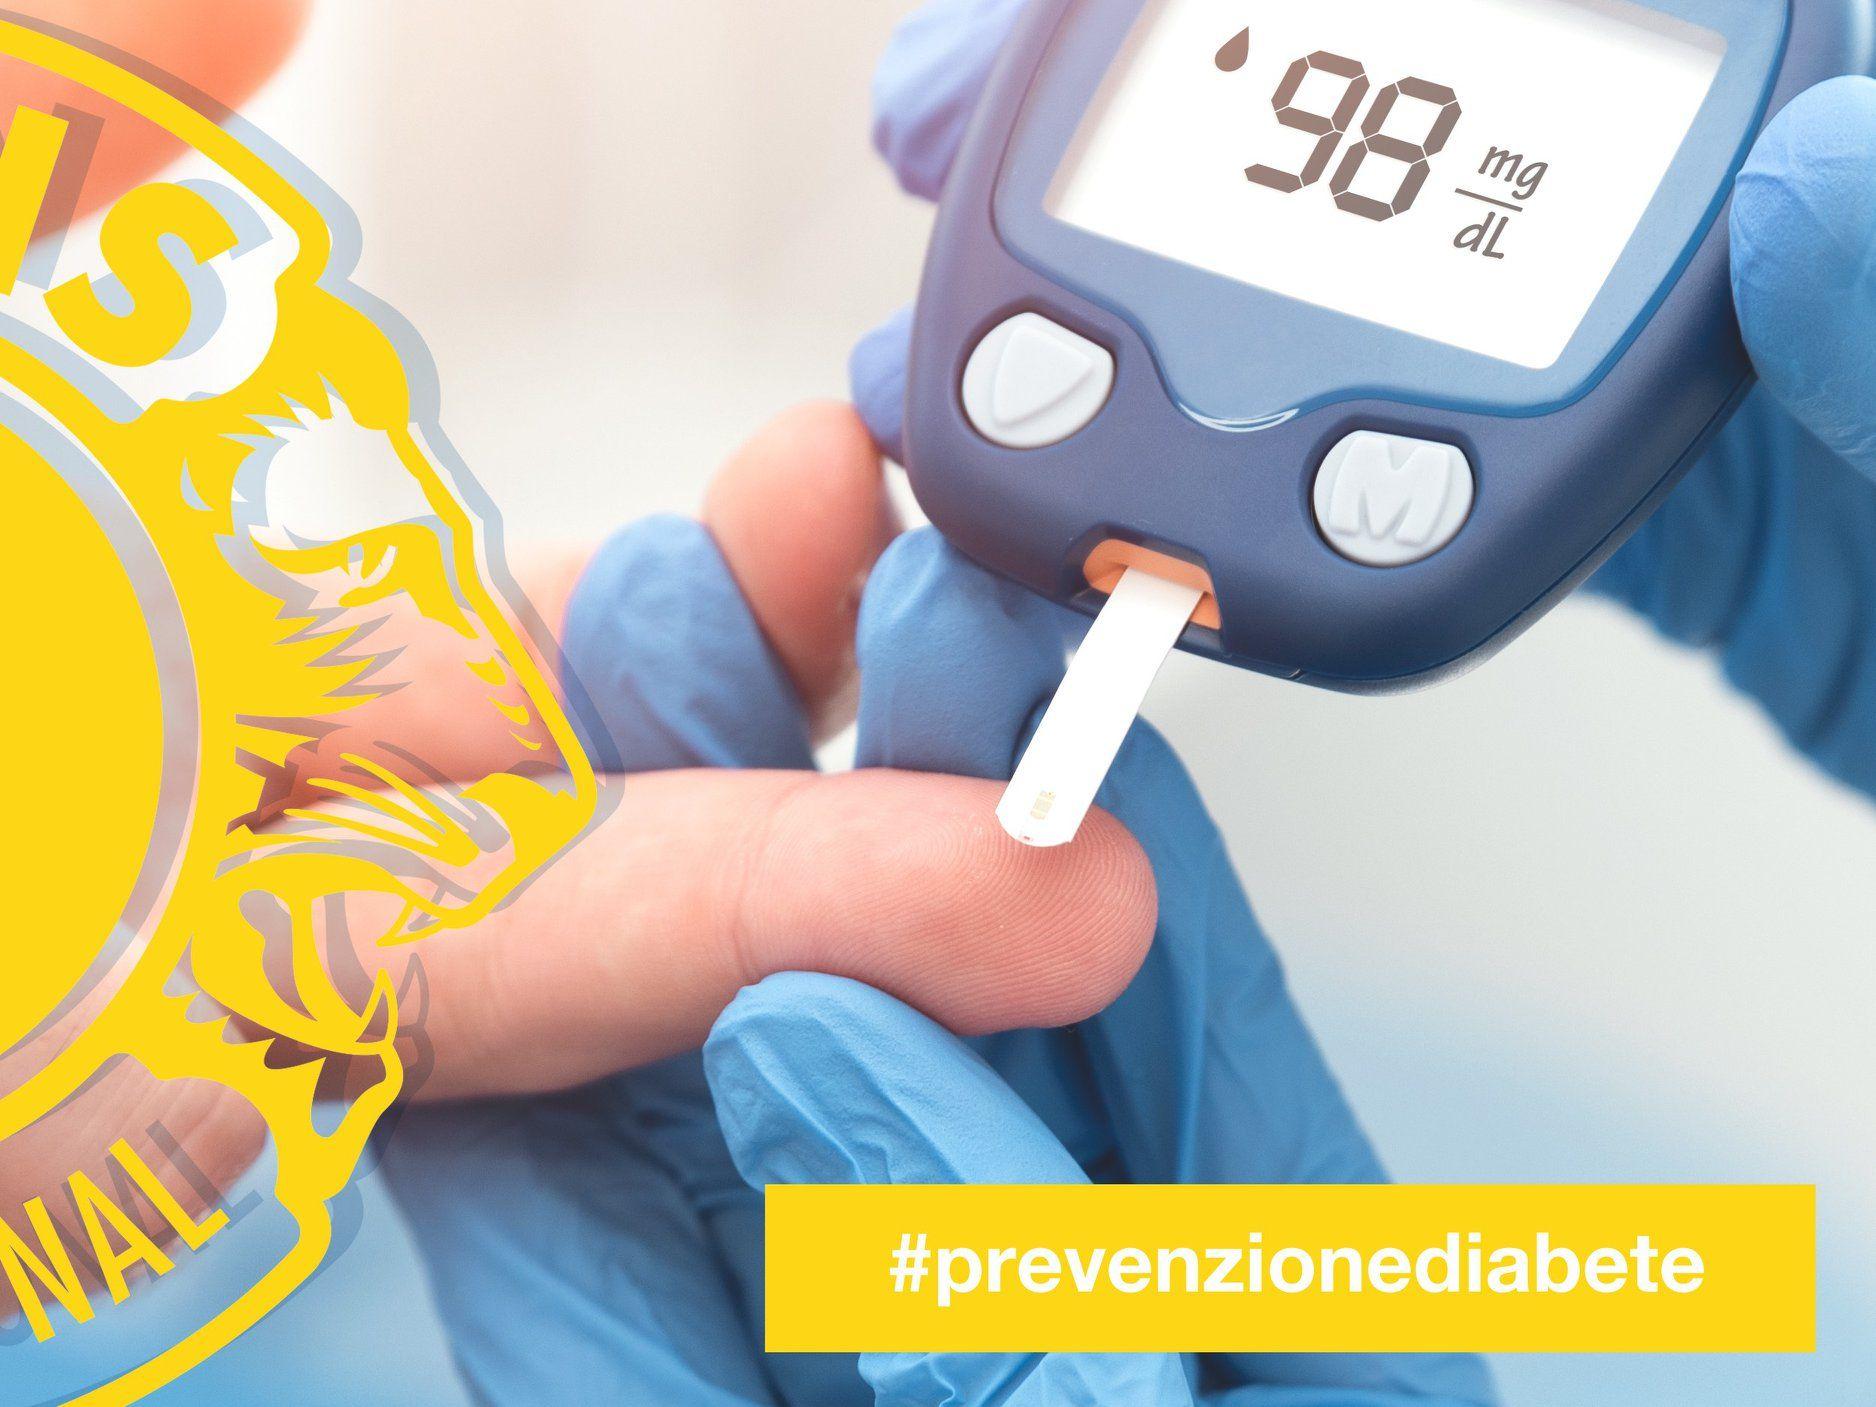 Firenze e la Giornata mondiale diabete, tra le iniziative San Miniato al Monte si tinge di blu - 055firenze